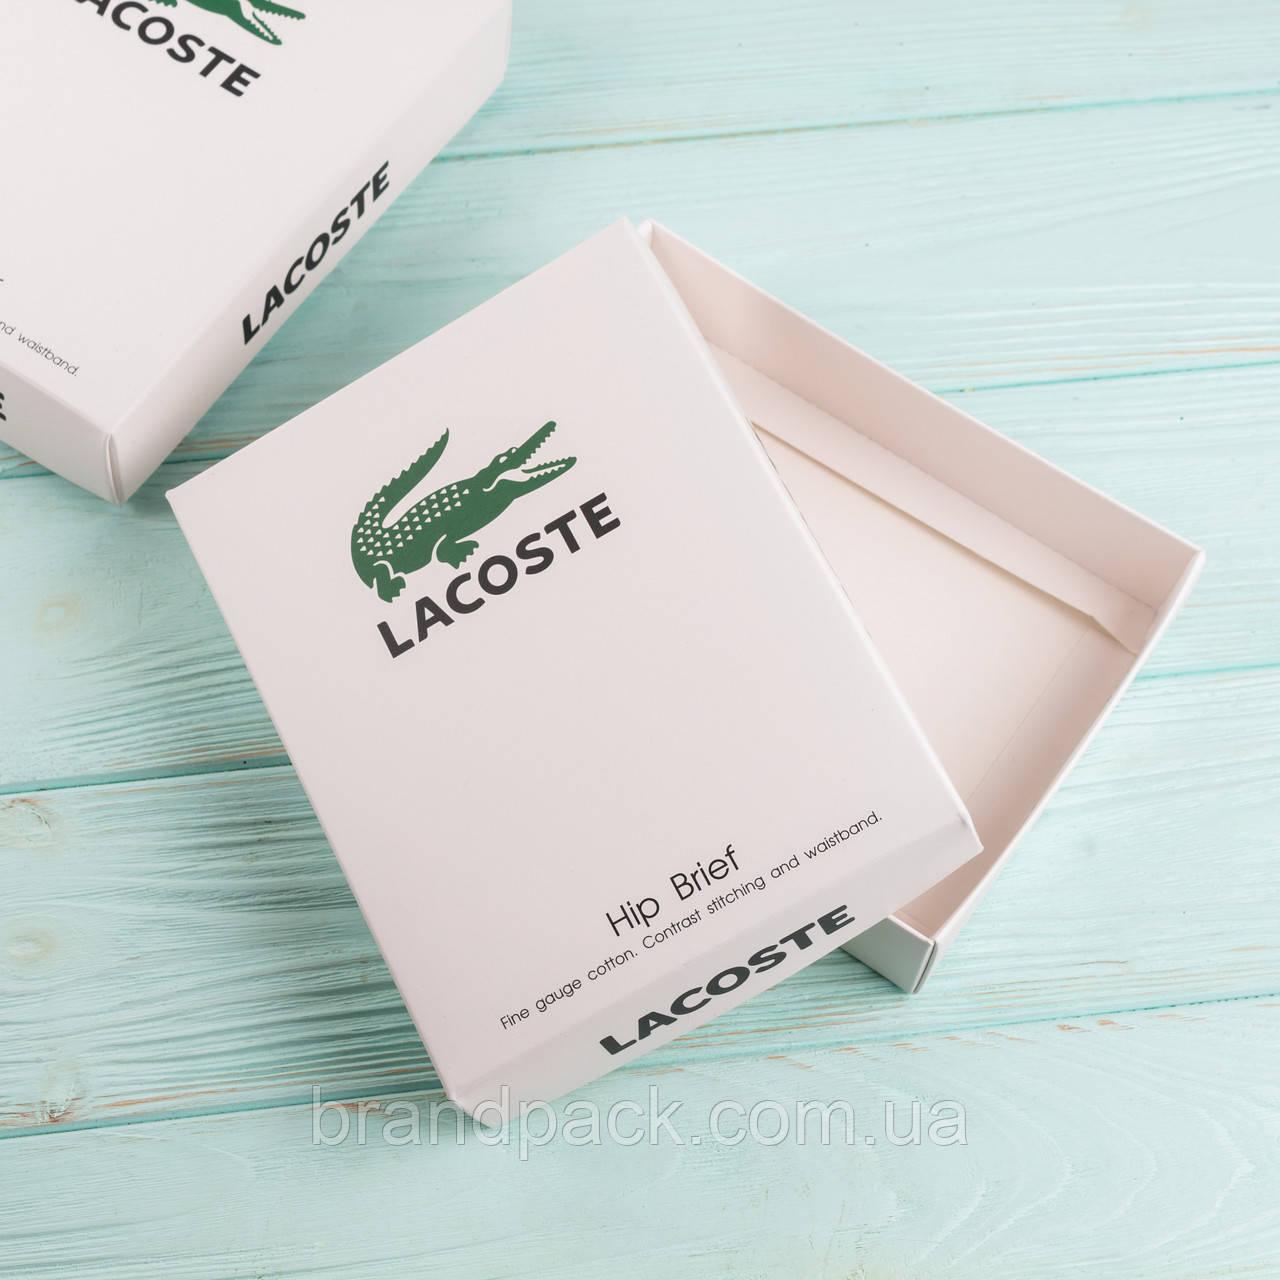 Коробка Lacoste